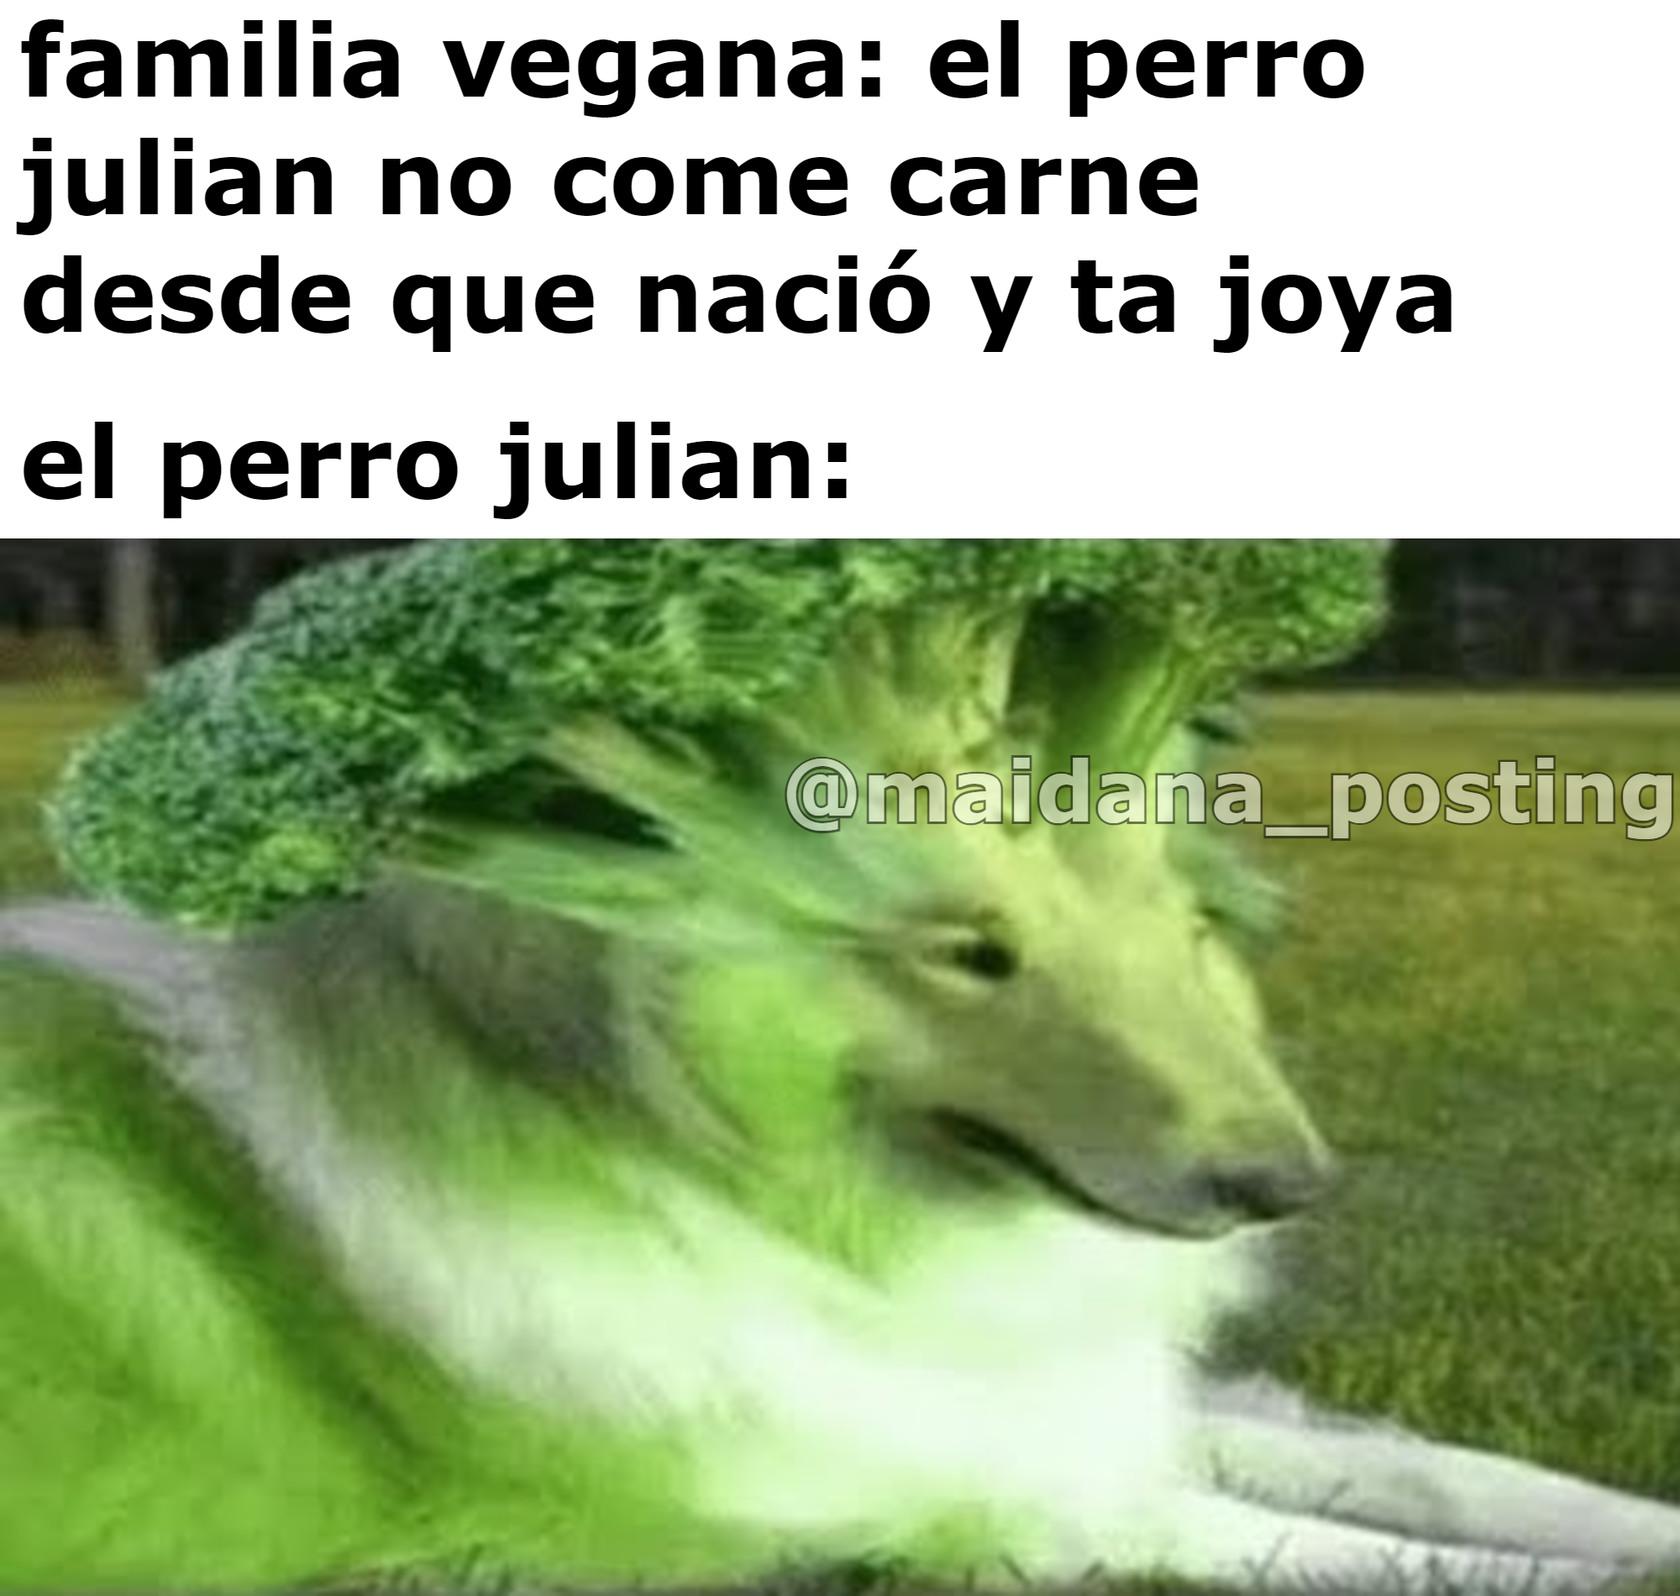 Kien es ese perro? Es el PERRO JULIAN - meme